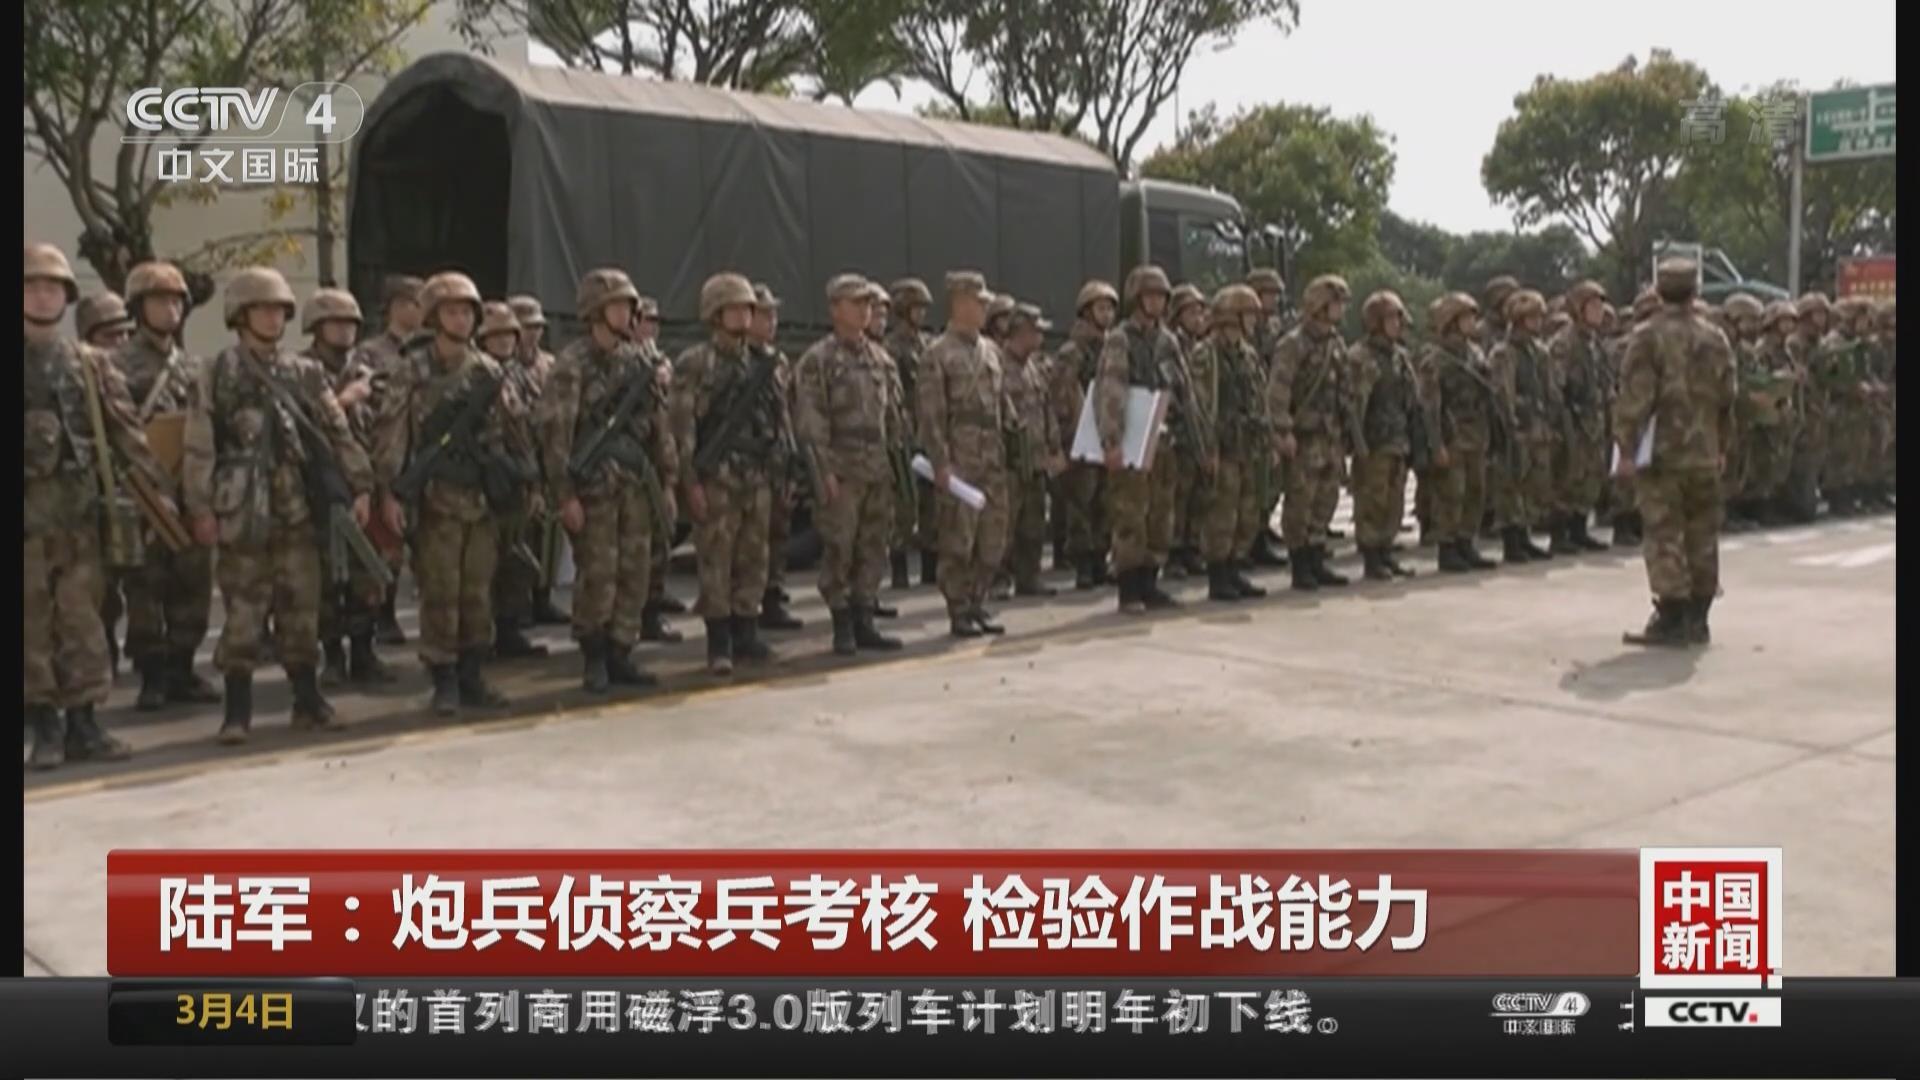 陆军:炮兵侦察兵考核 检验作战能力